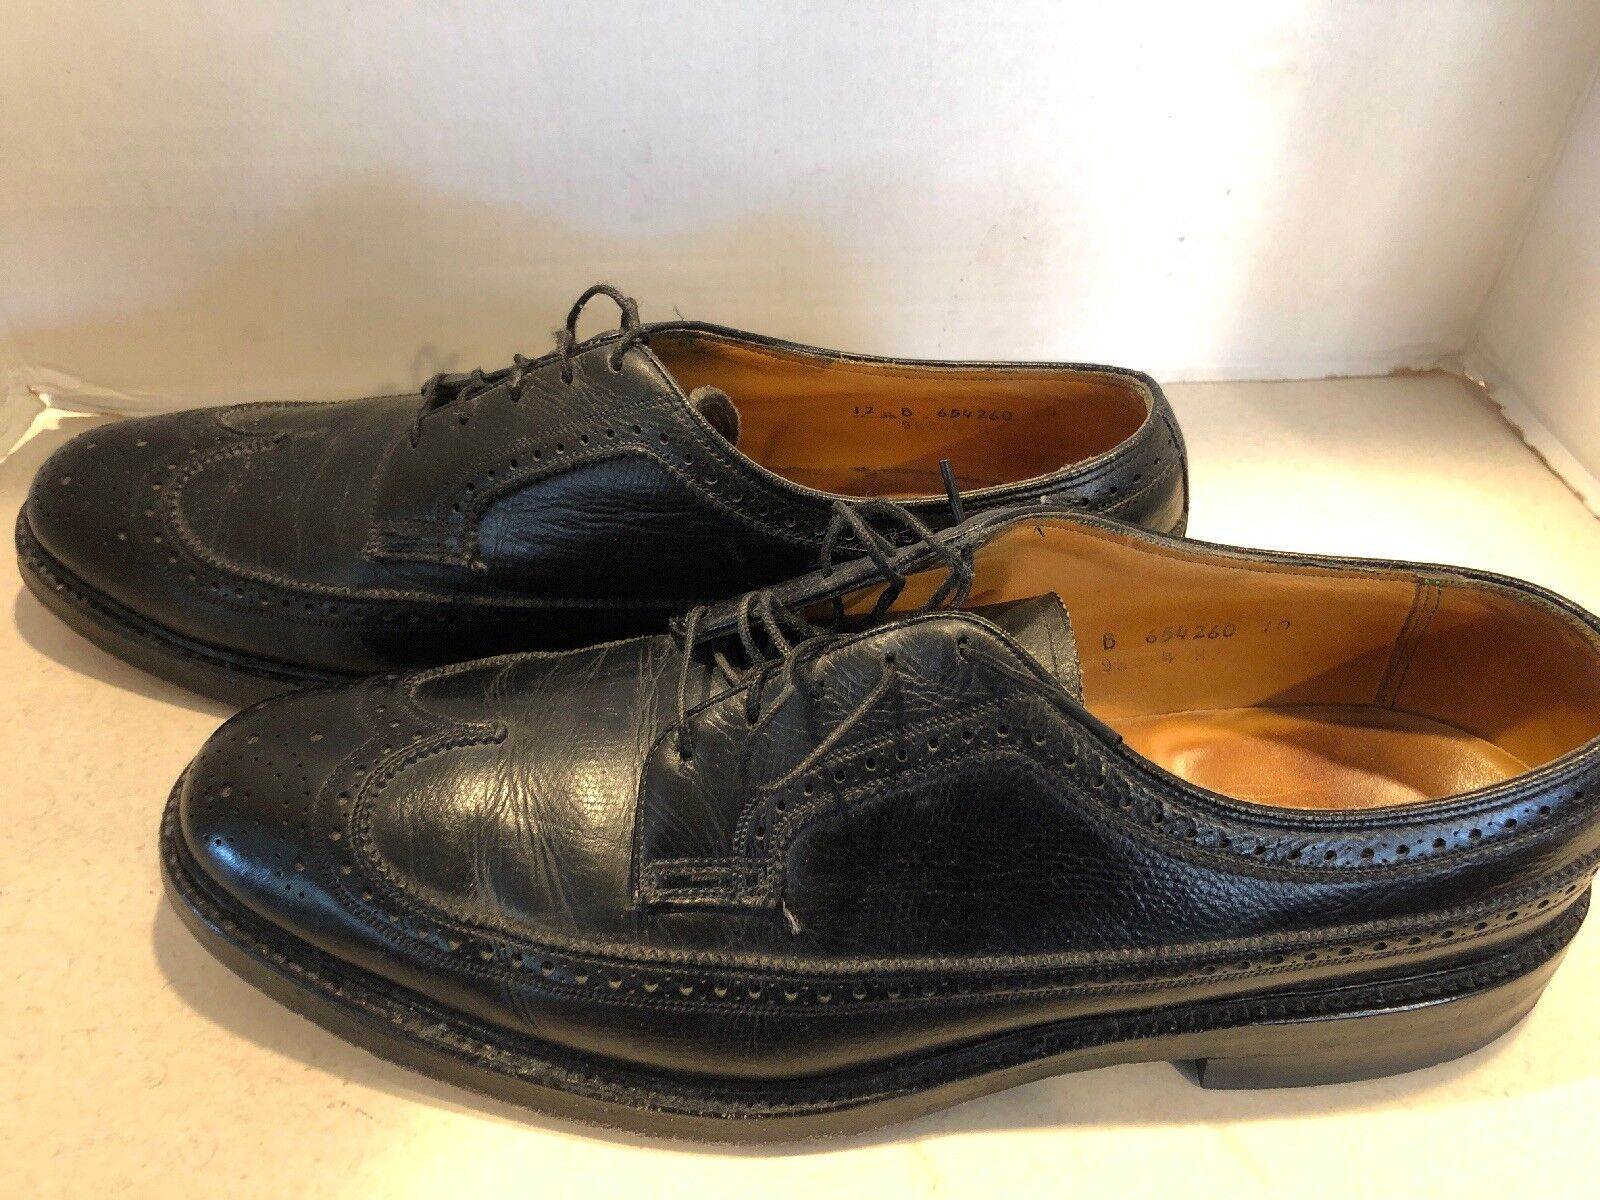 vintage ungetragen 7,5 Caballero zapatillas de Business Slipper cuero marrón talla 41